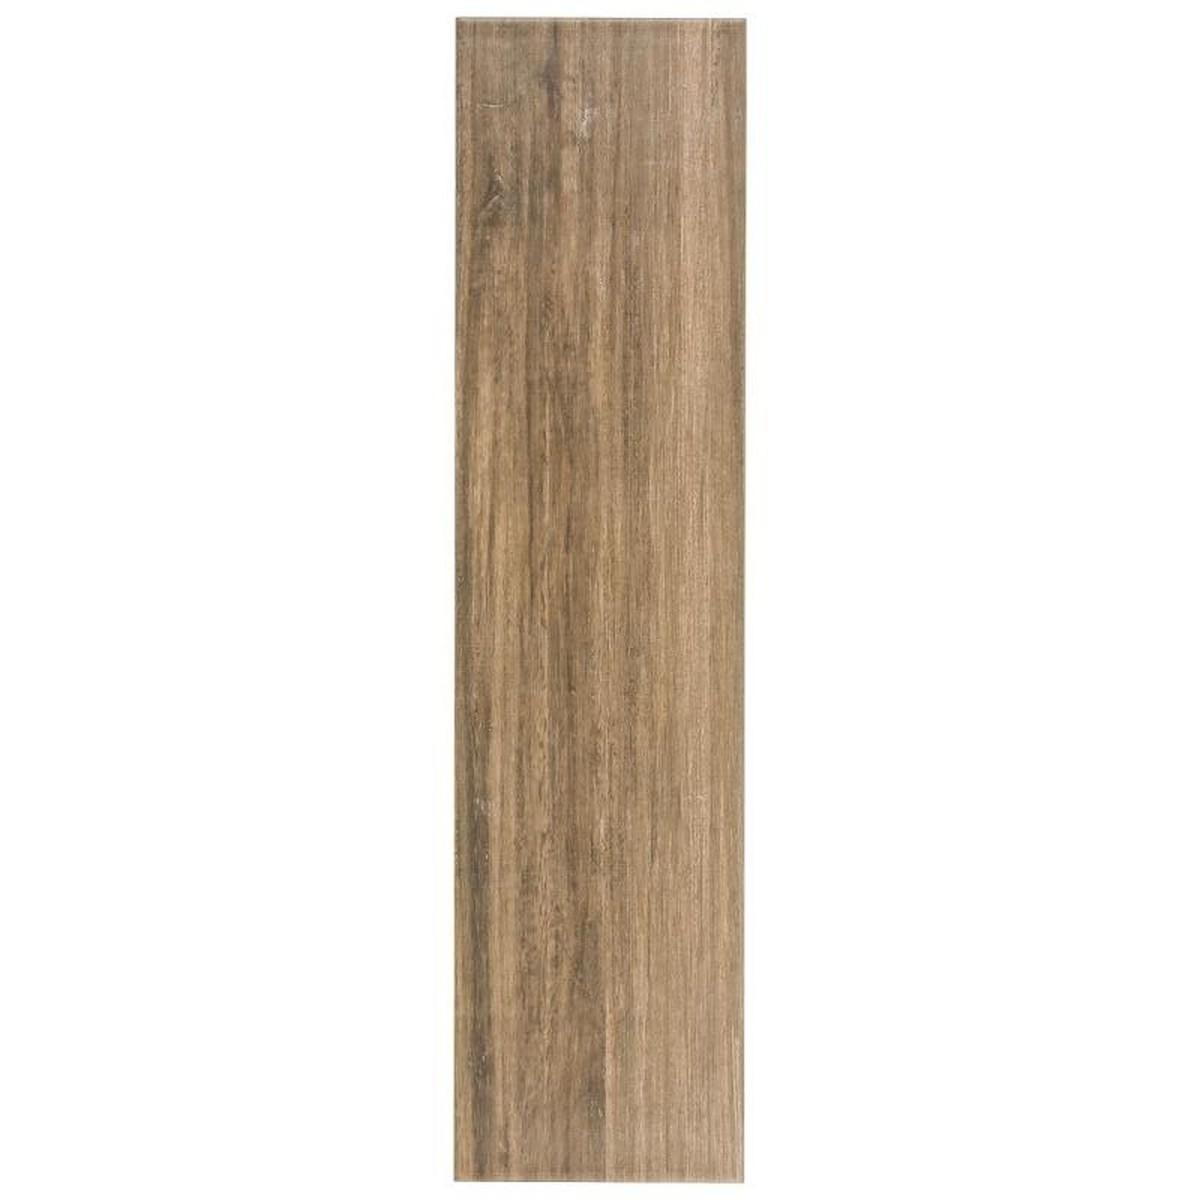 Керамогранит Artens Пино цвет коричневый 15х60 см